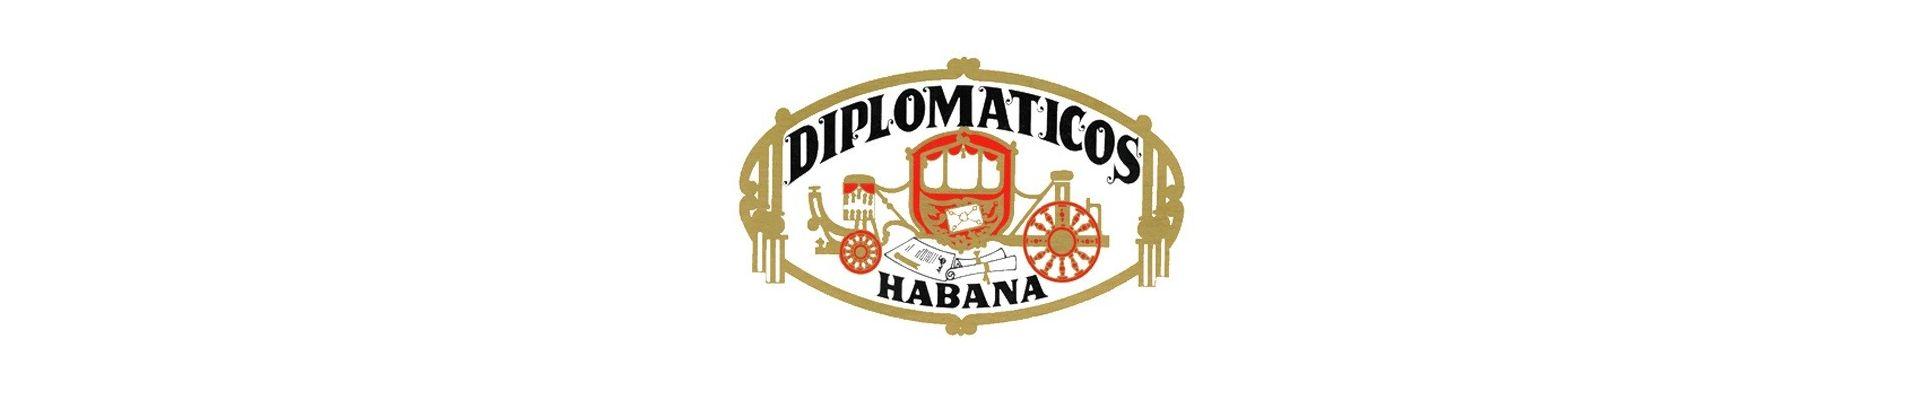 Trabucuri Diplomaticos trabucuri cubaneze pret trabucuri cubaneze